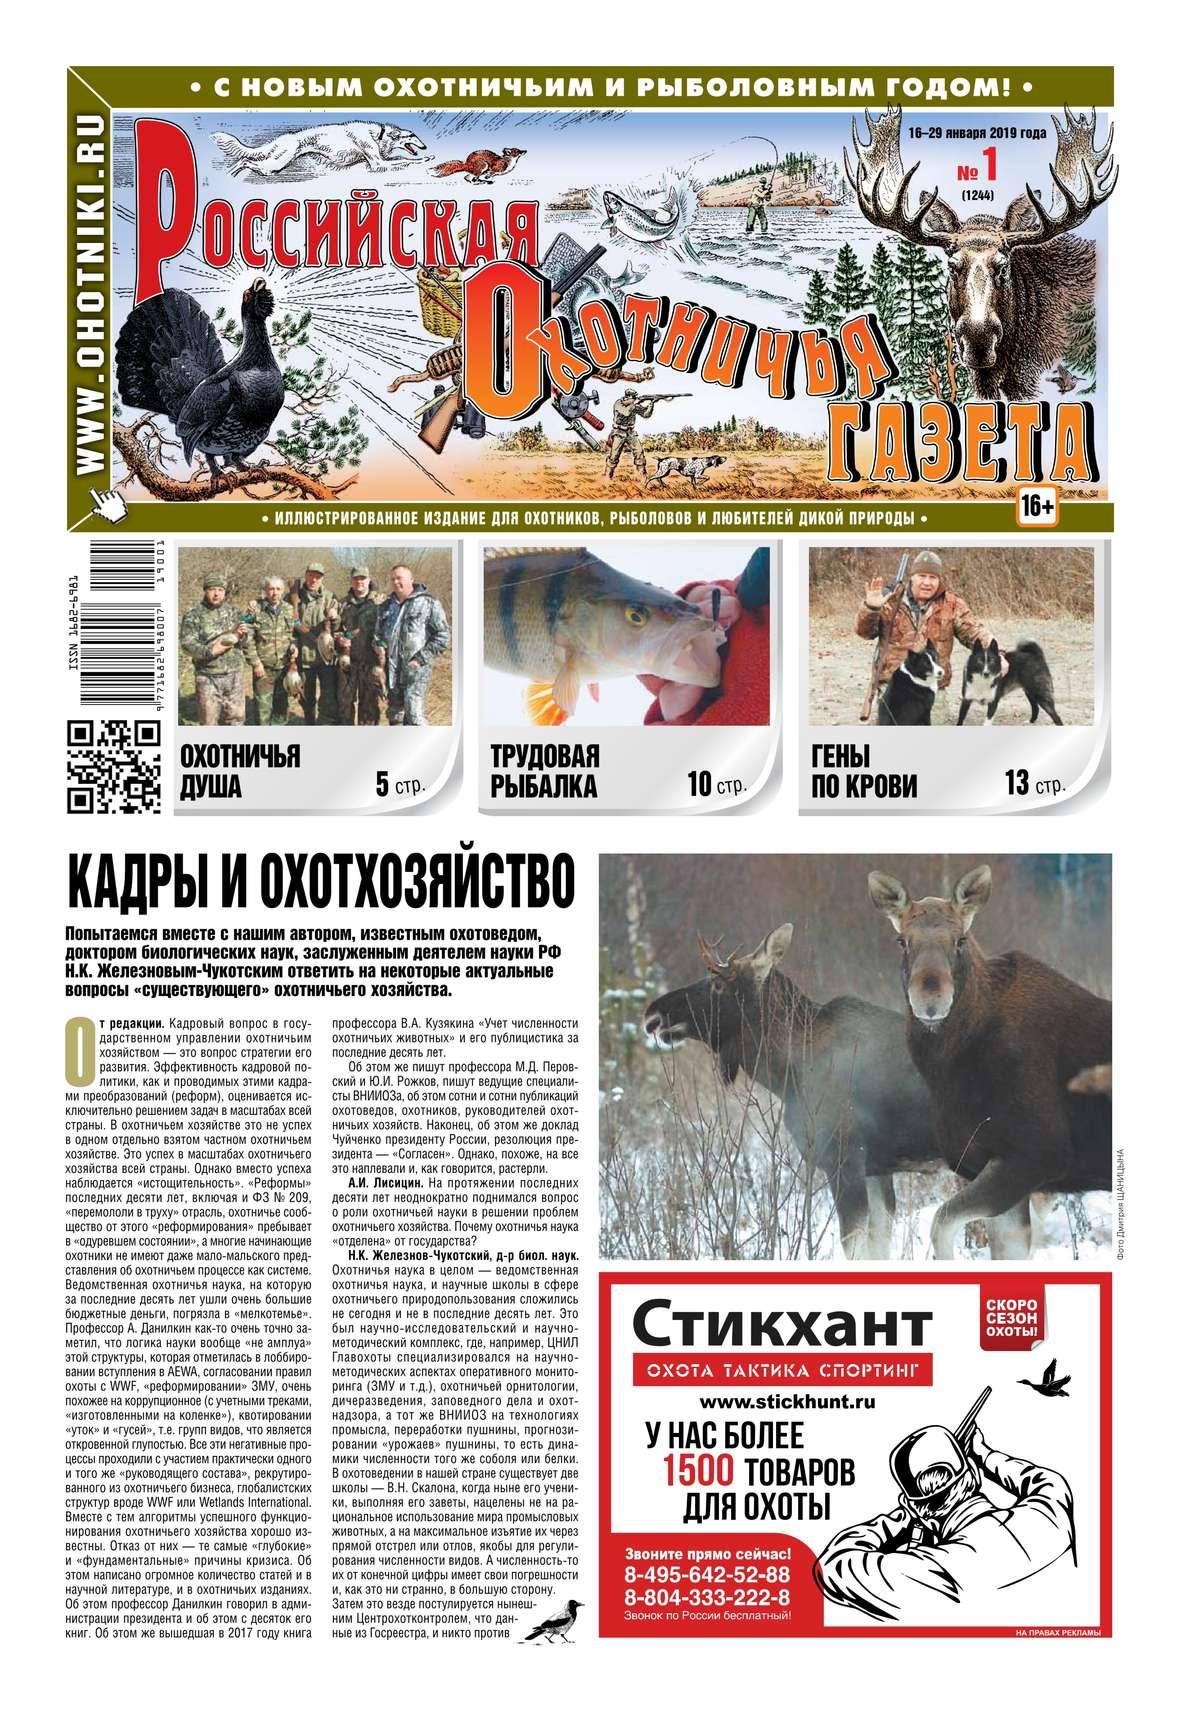 Российская Охотничья Газета 01-2019